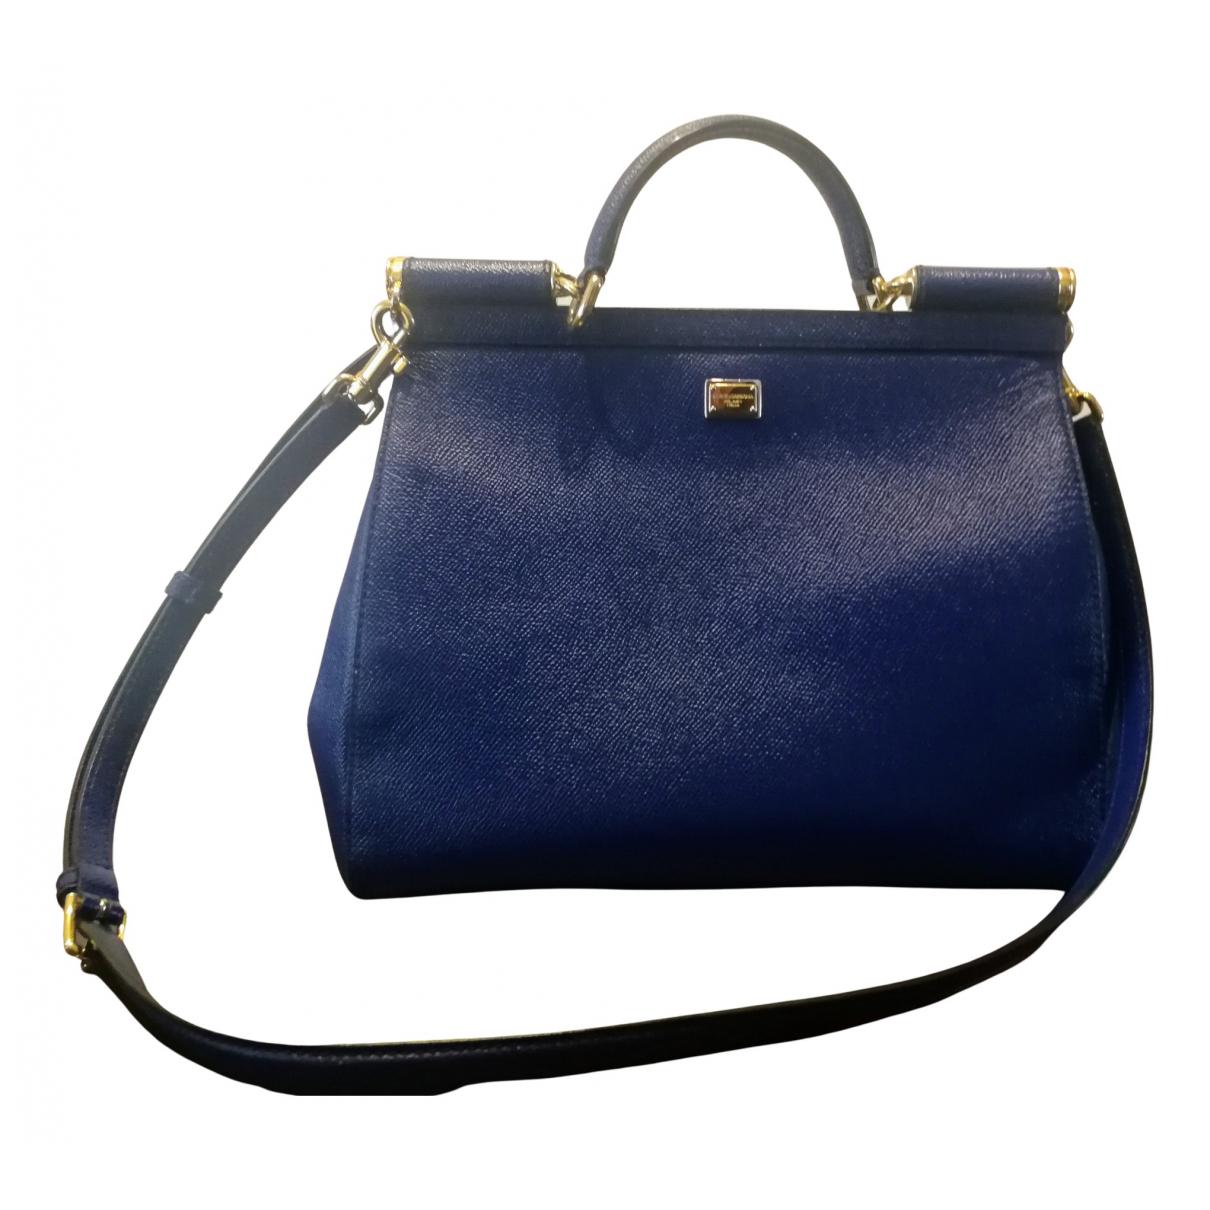 Dolce & Gabbana Sicily Handtasche in  Blau Leder